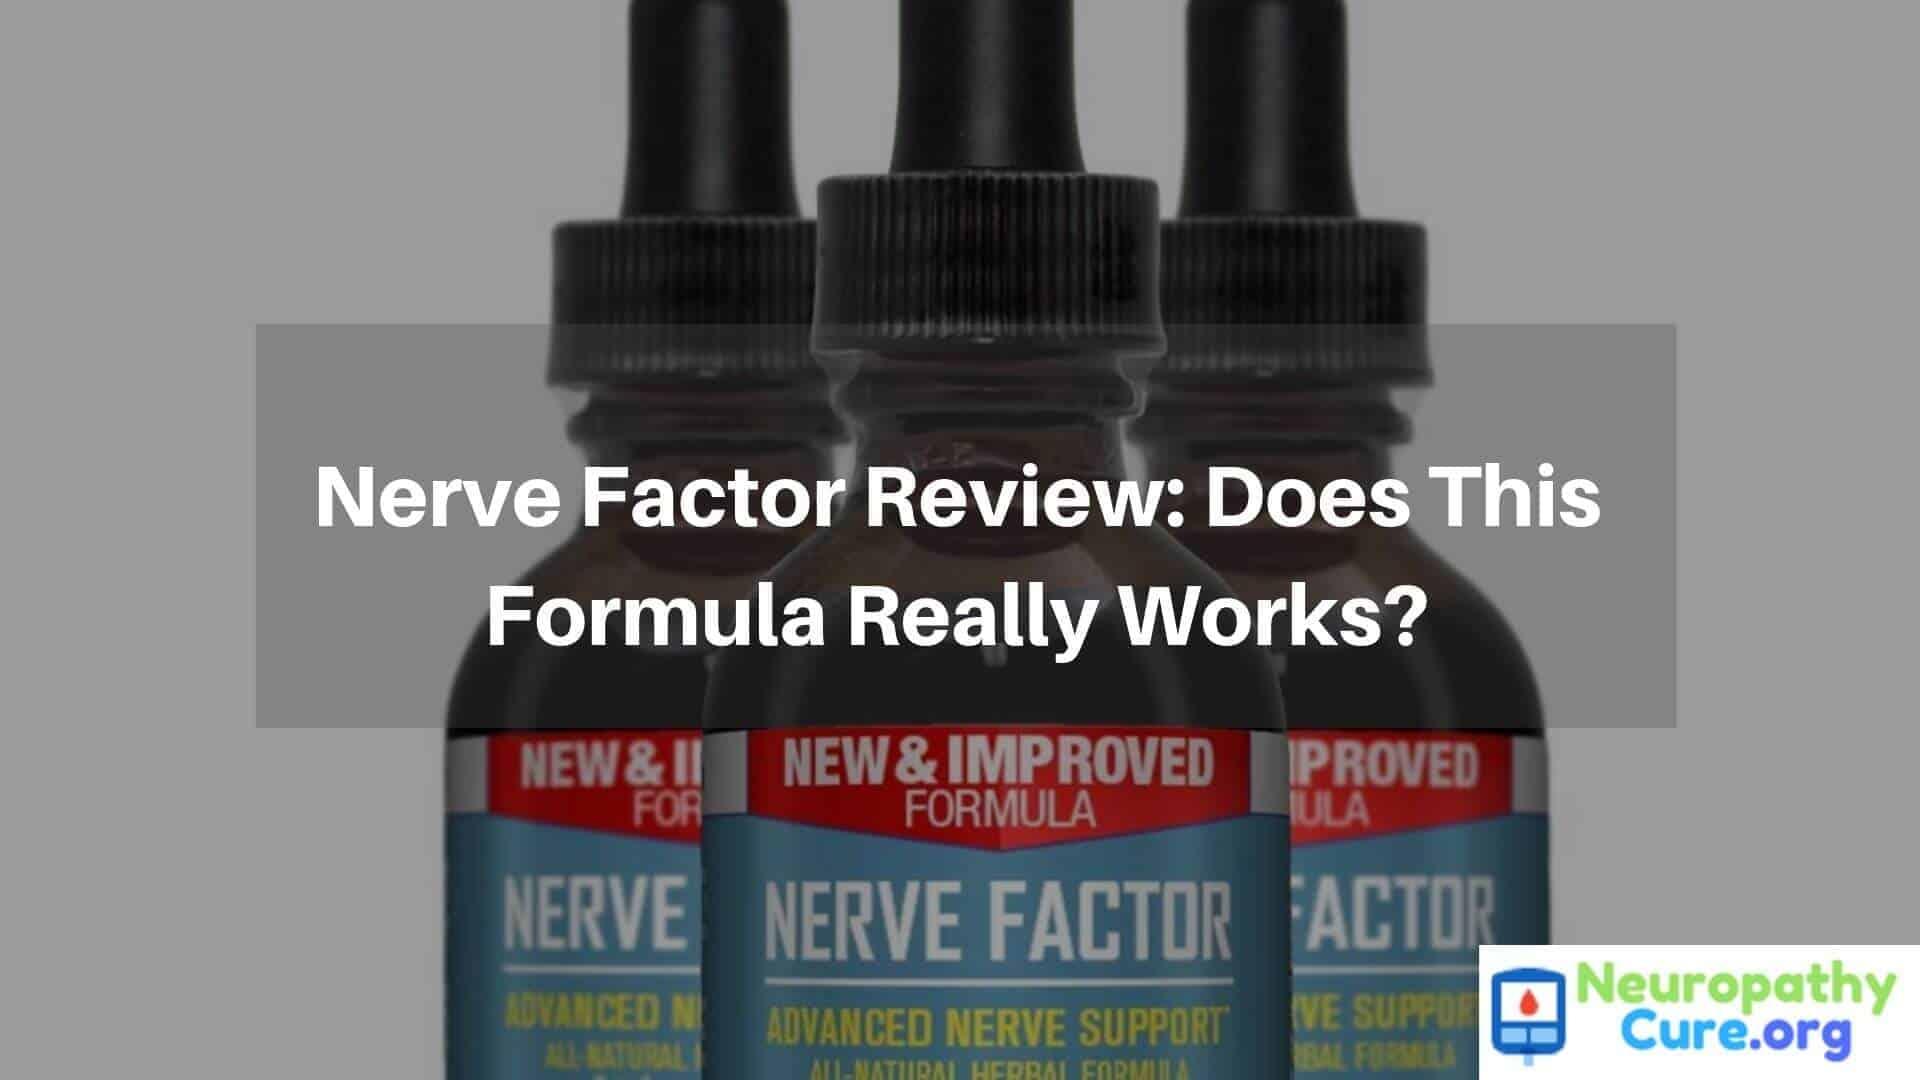 Nerve Factor